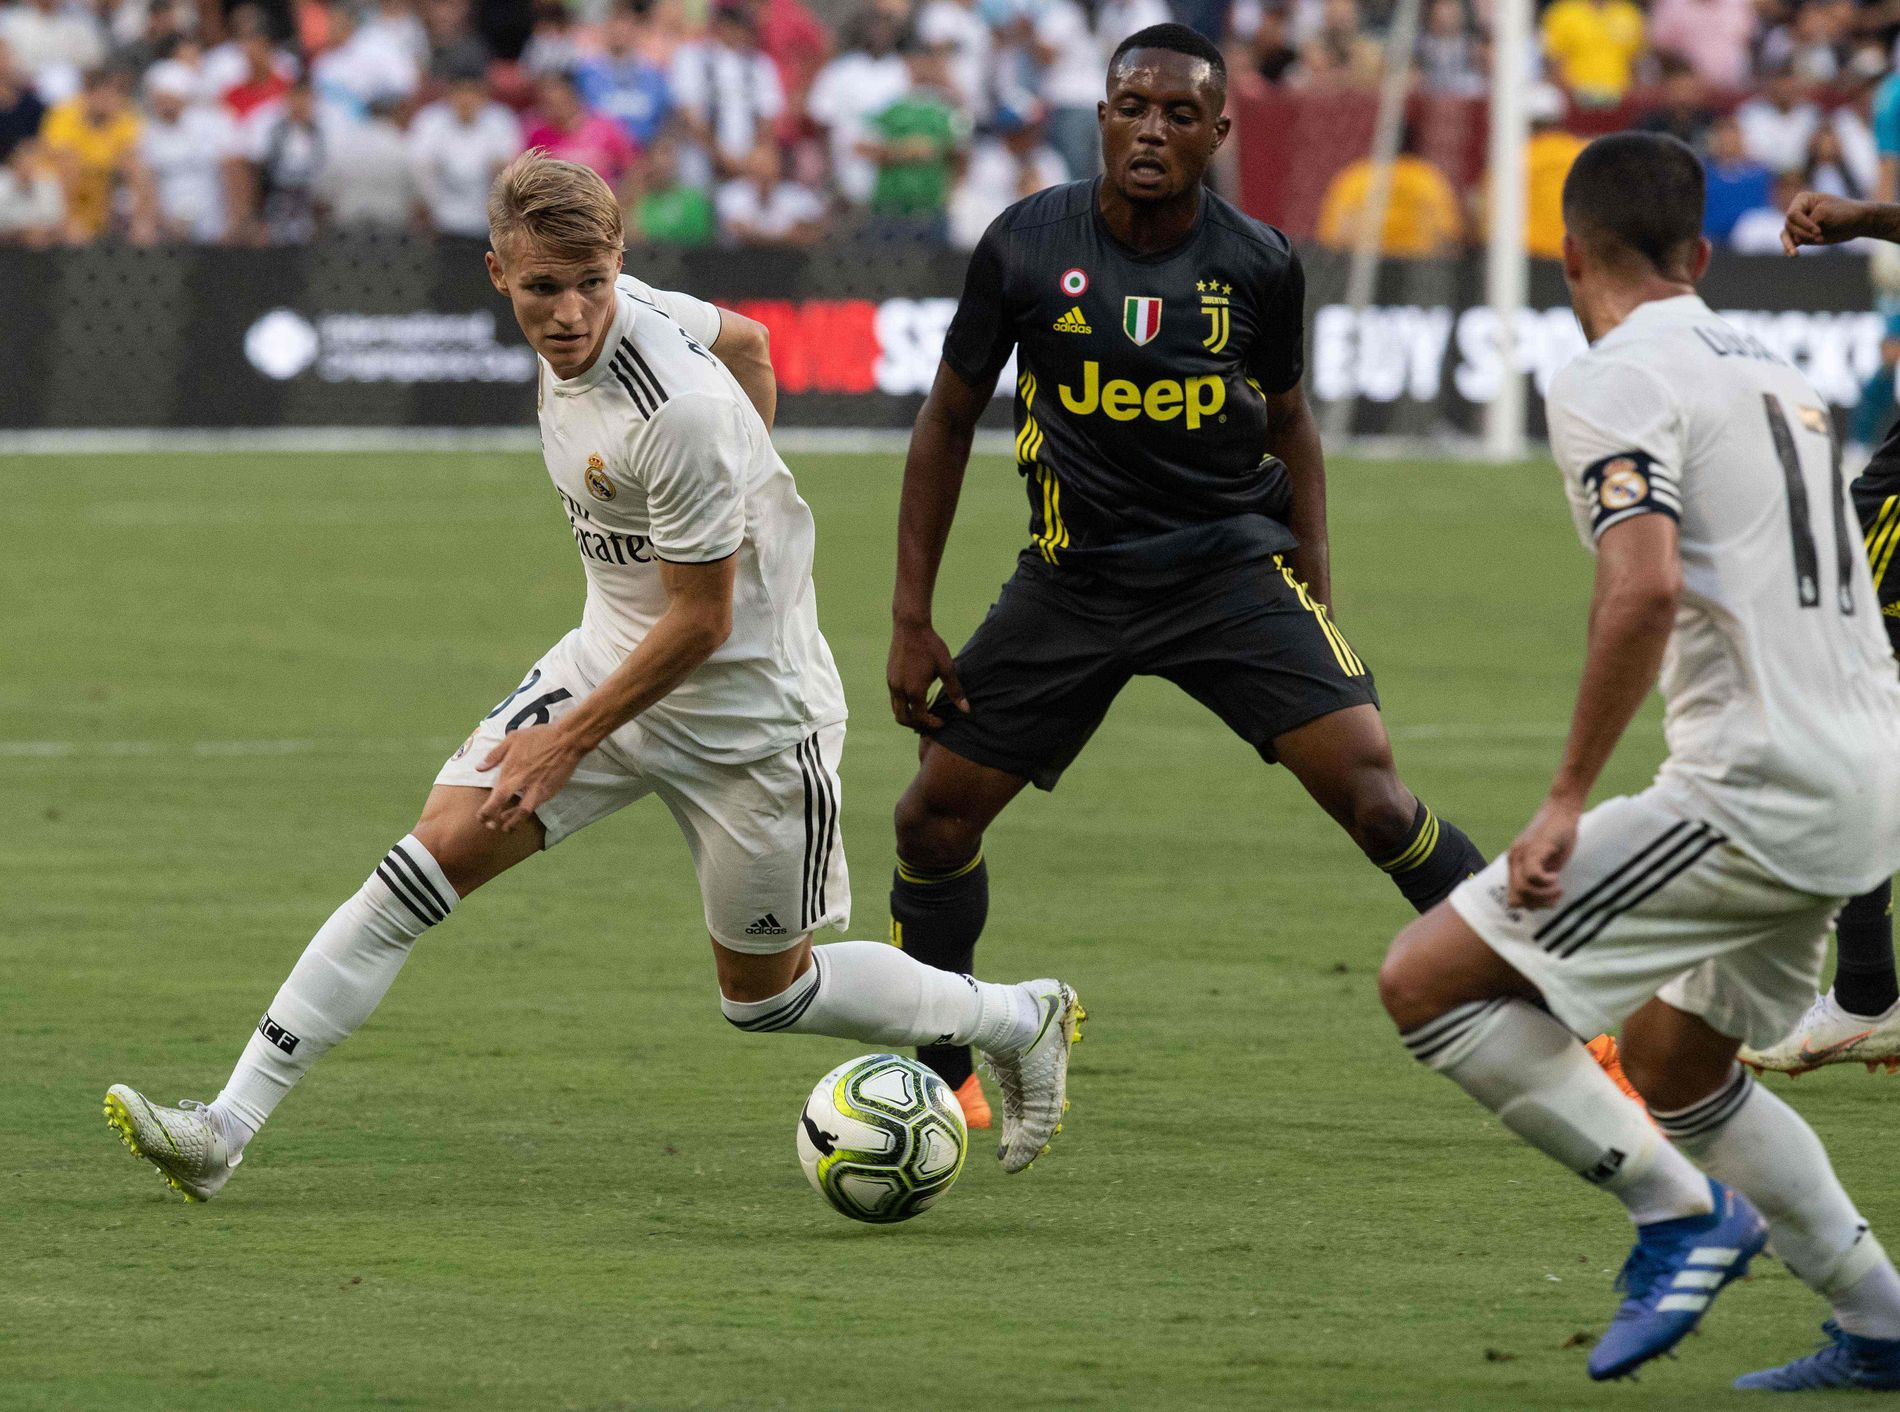 LITE SPILLETID: Martin Ødegaard har kun fått noen korte innhopp for Real Madrid i sesongoppkjøringen, som her mot Juventus.